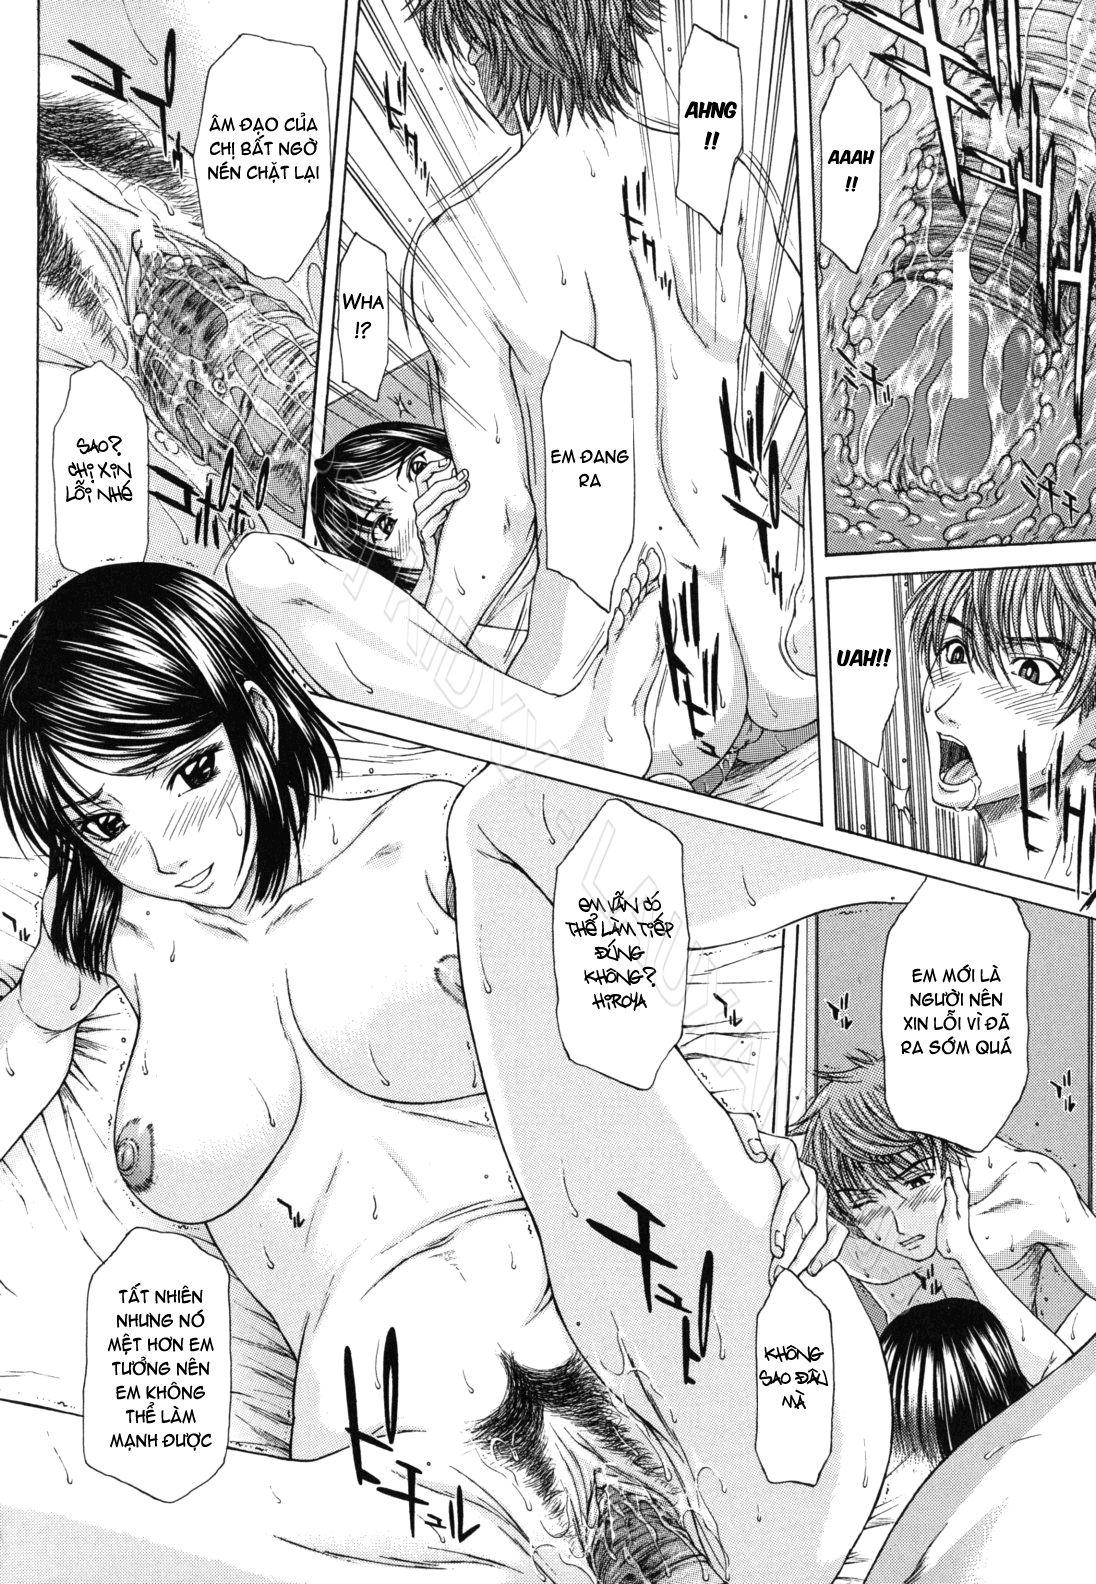 Hình ảnh nudity www.hentairules.net 165%2Bcopy trong bài viết Nong lồn em ra đi anh